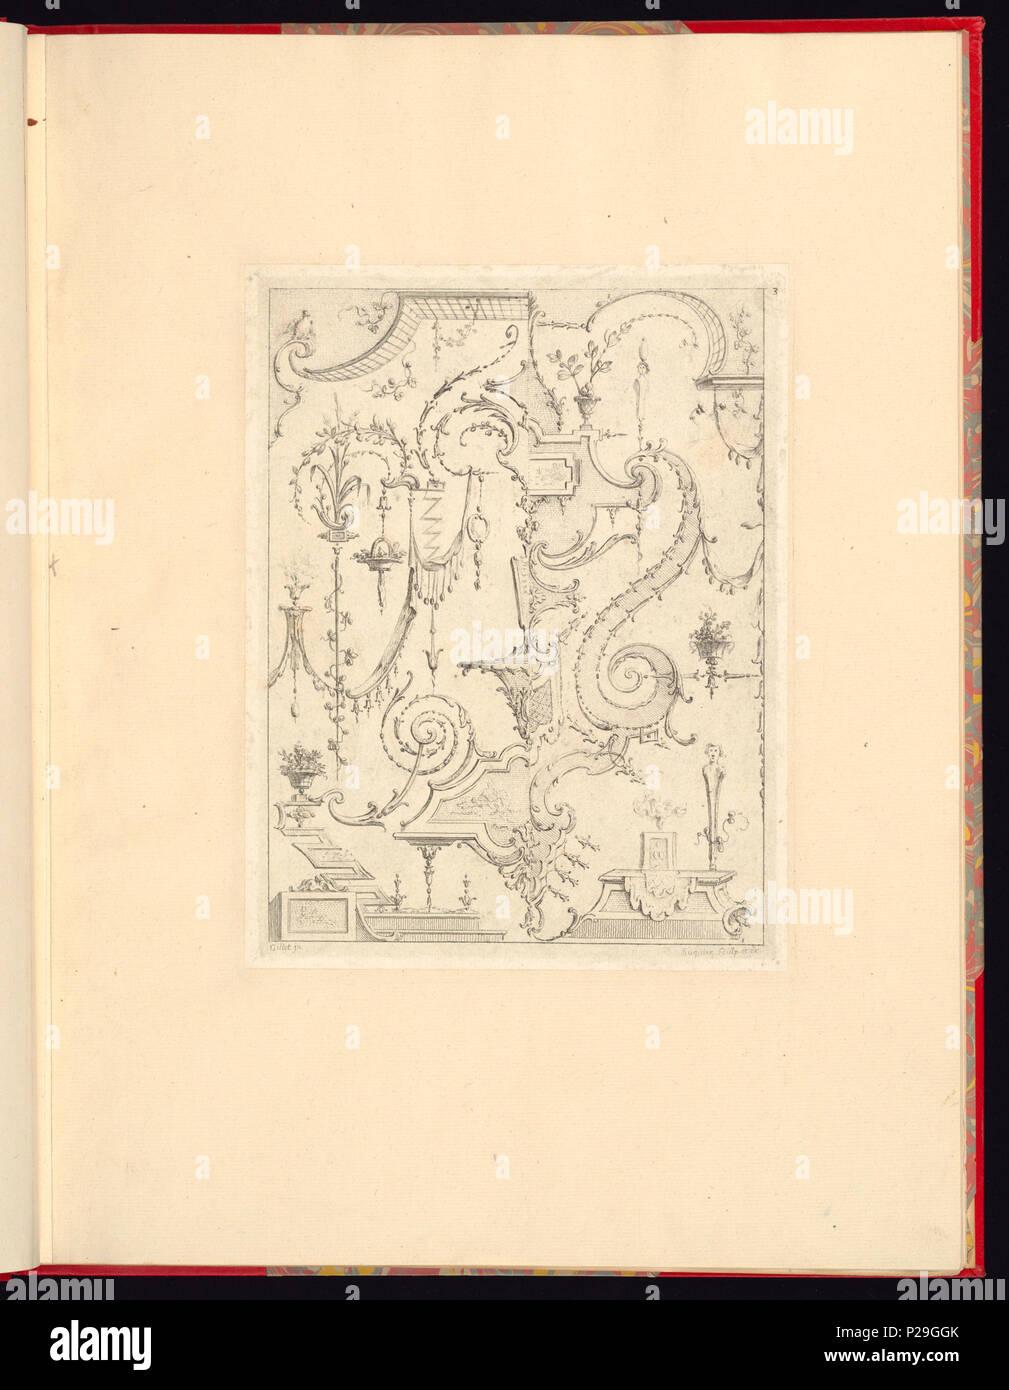 268 Print, Nouveau livre de principes d'ornements particulièrement pour trouver un nombre infini de formes qui dependent, d'après les dessins de Gillot. Peintre du Roy, gravé par Huquier; pl. 3 (CH 18272745) Stock Photo